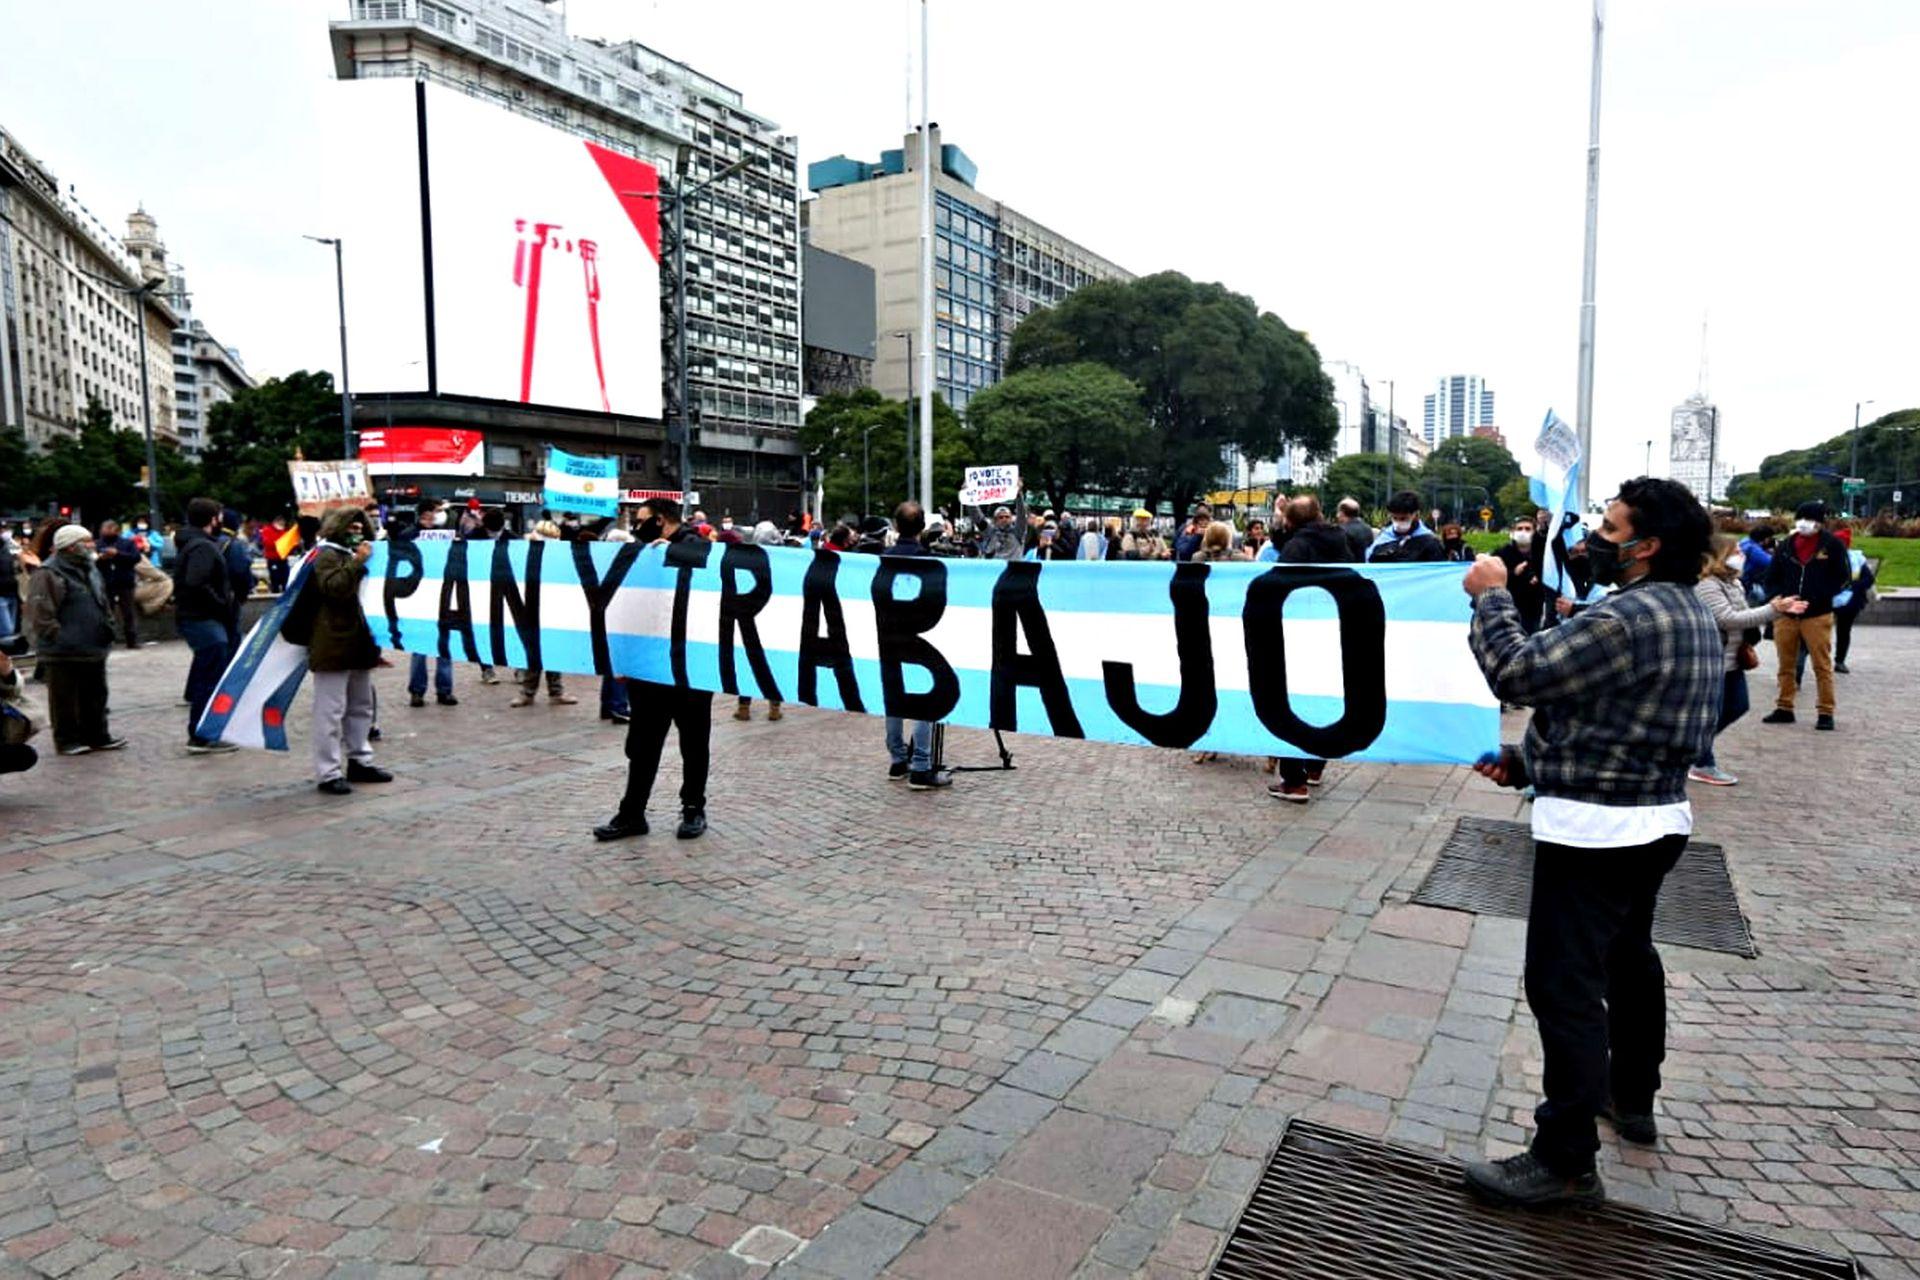 """Los que protestaban también pidieron """"pan y trabajo"""""""